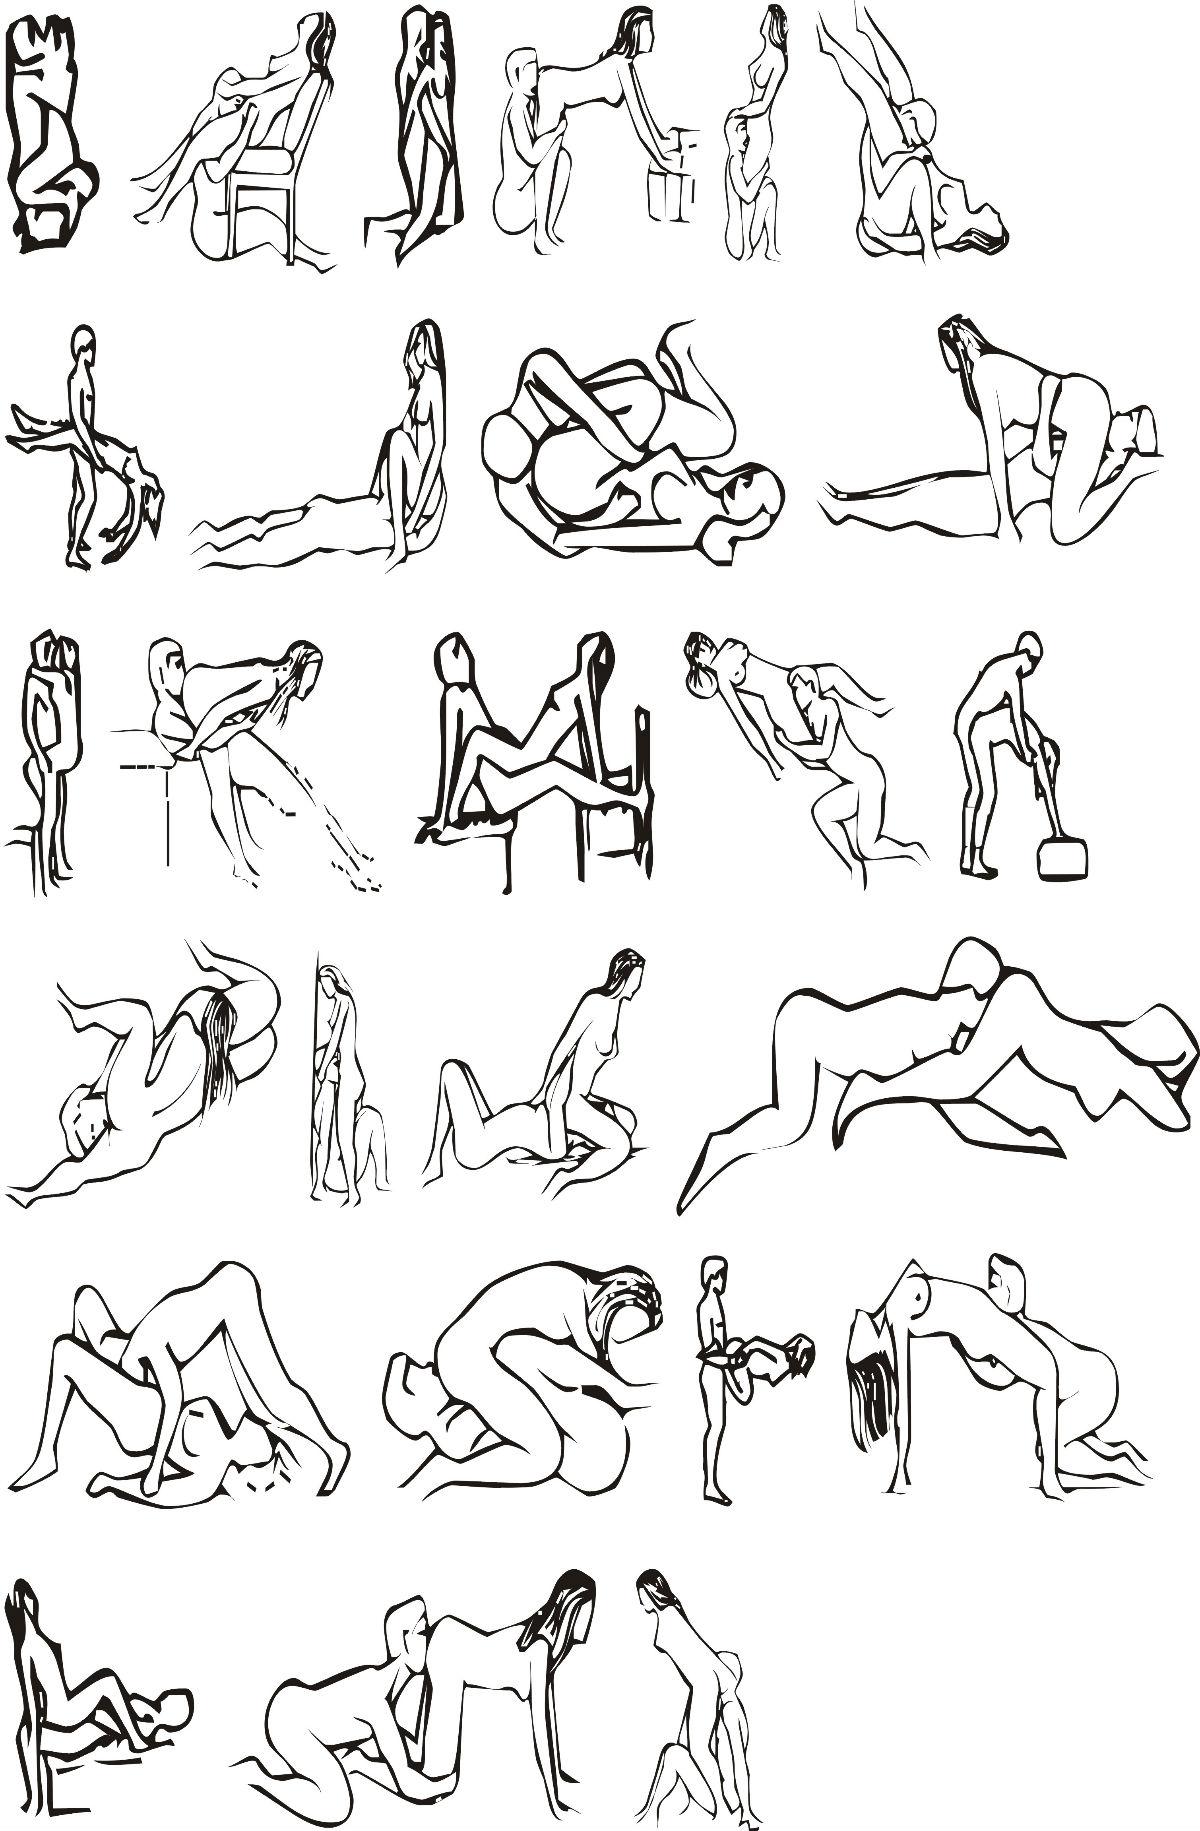 26个字母演变而来的26种姿势图片